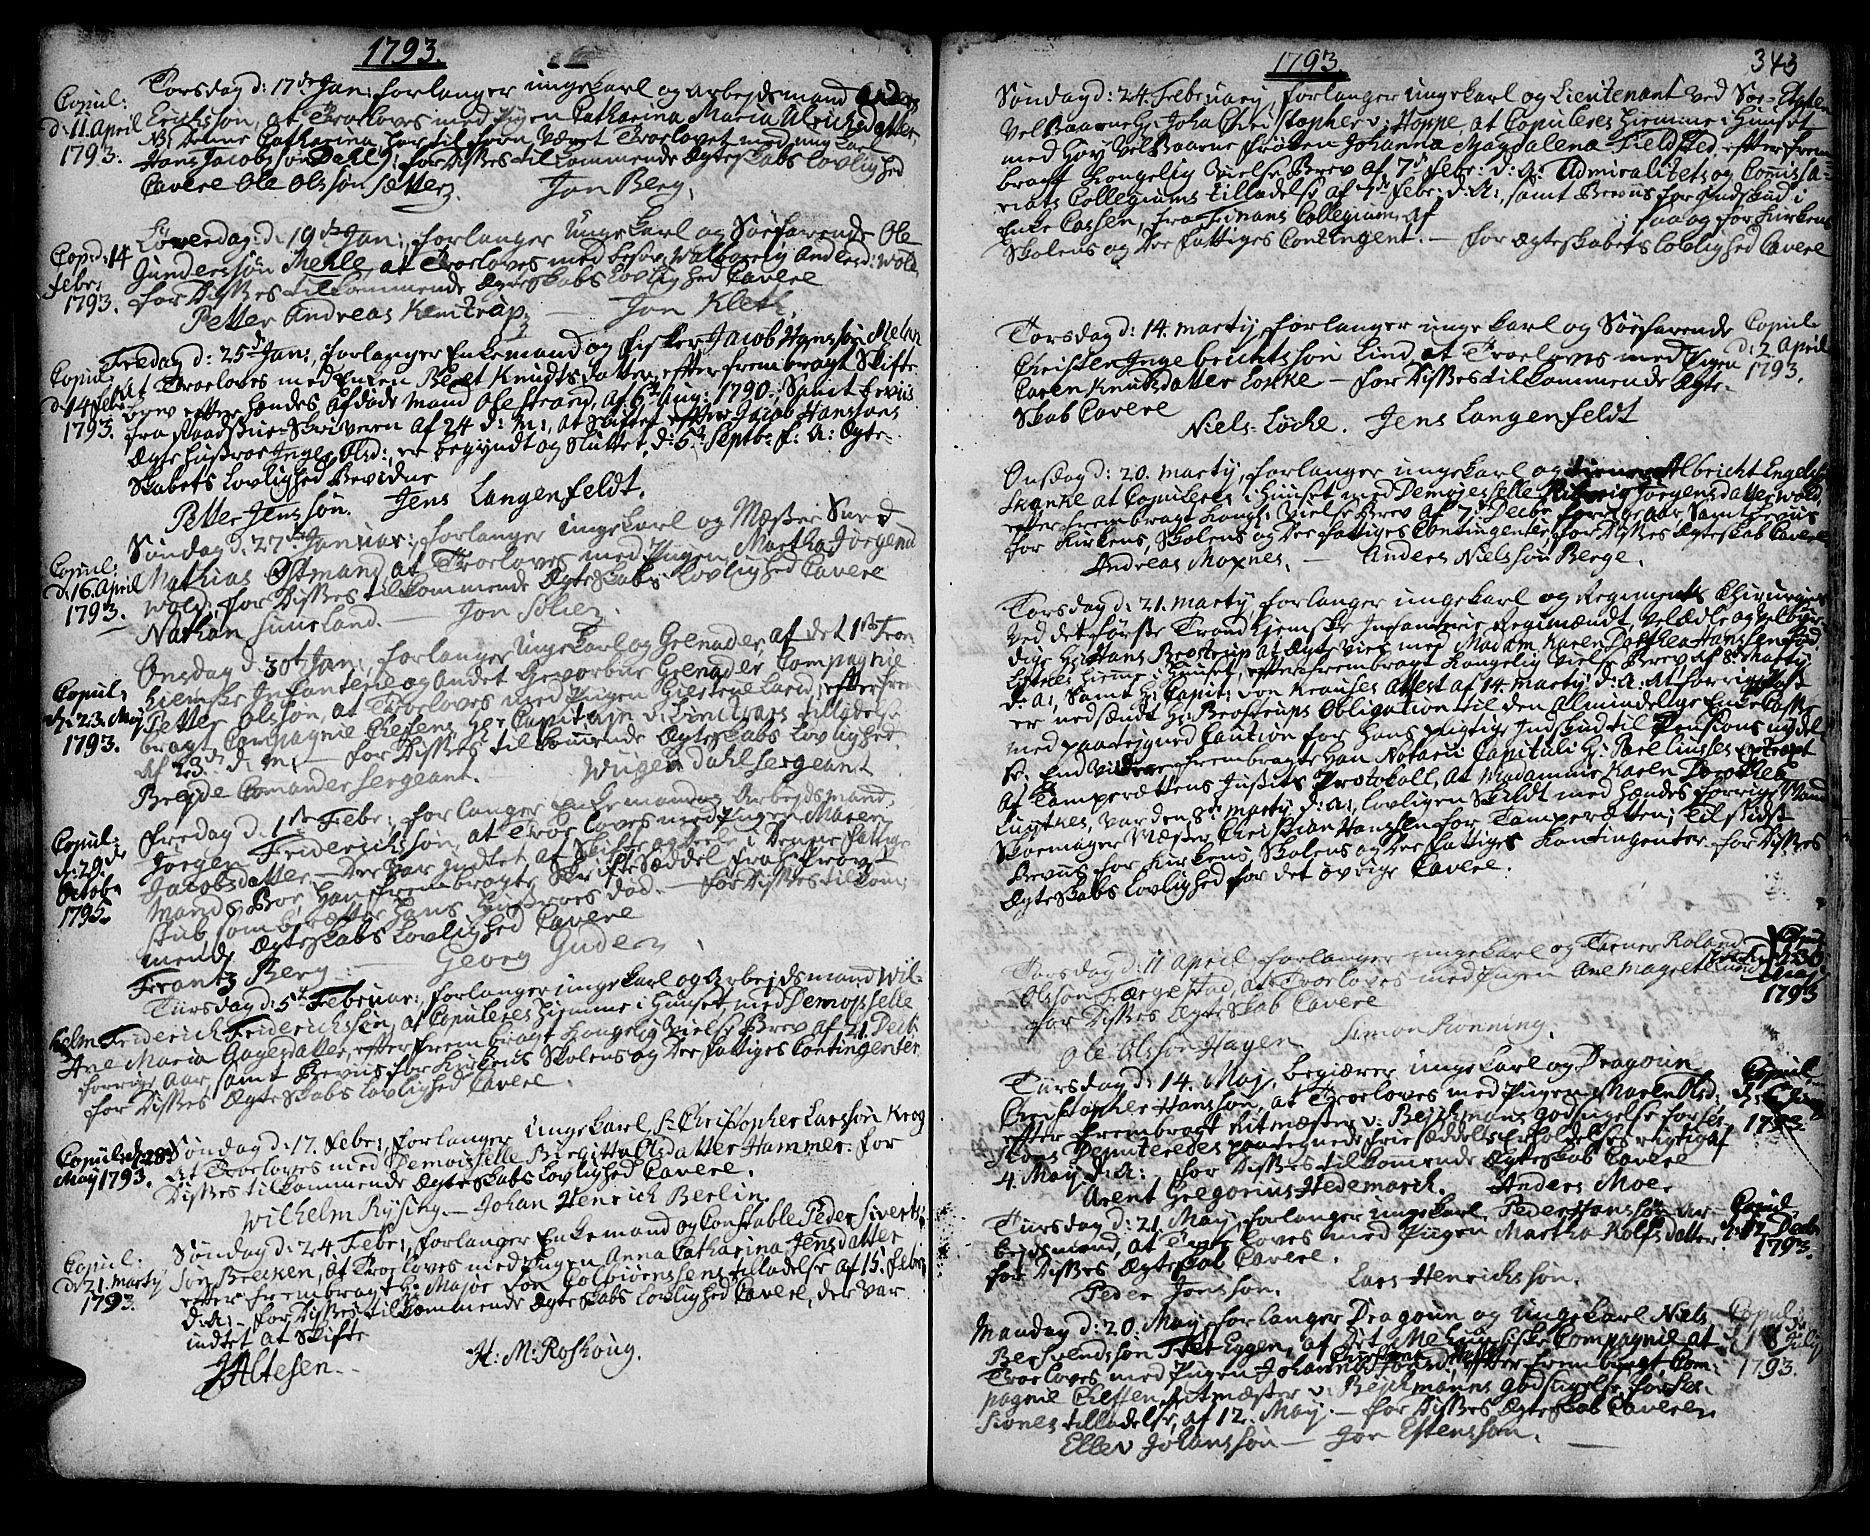 SAT, Ministerialprotokoller, klokkerbøker og fødselsregistre - Sør-Trøndelag, 601/L0038: Ministerialbok nr. 601A06, 1766-1877, s. 343